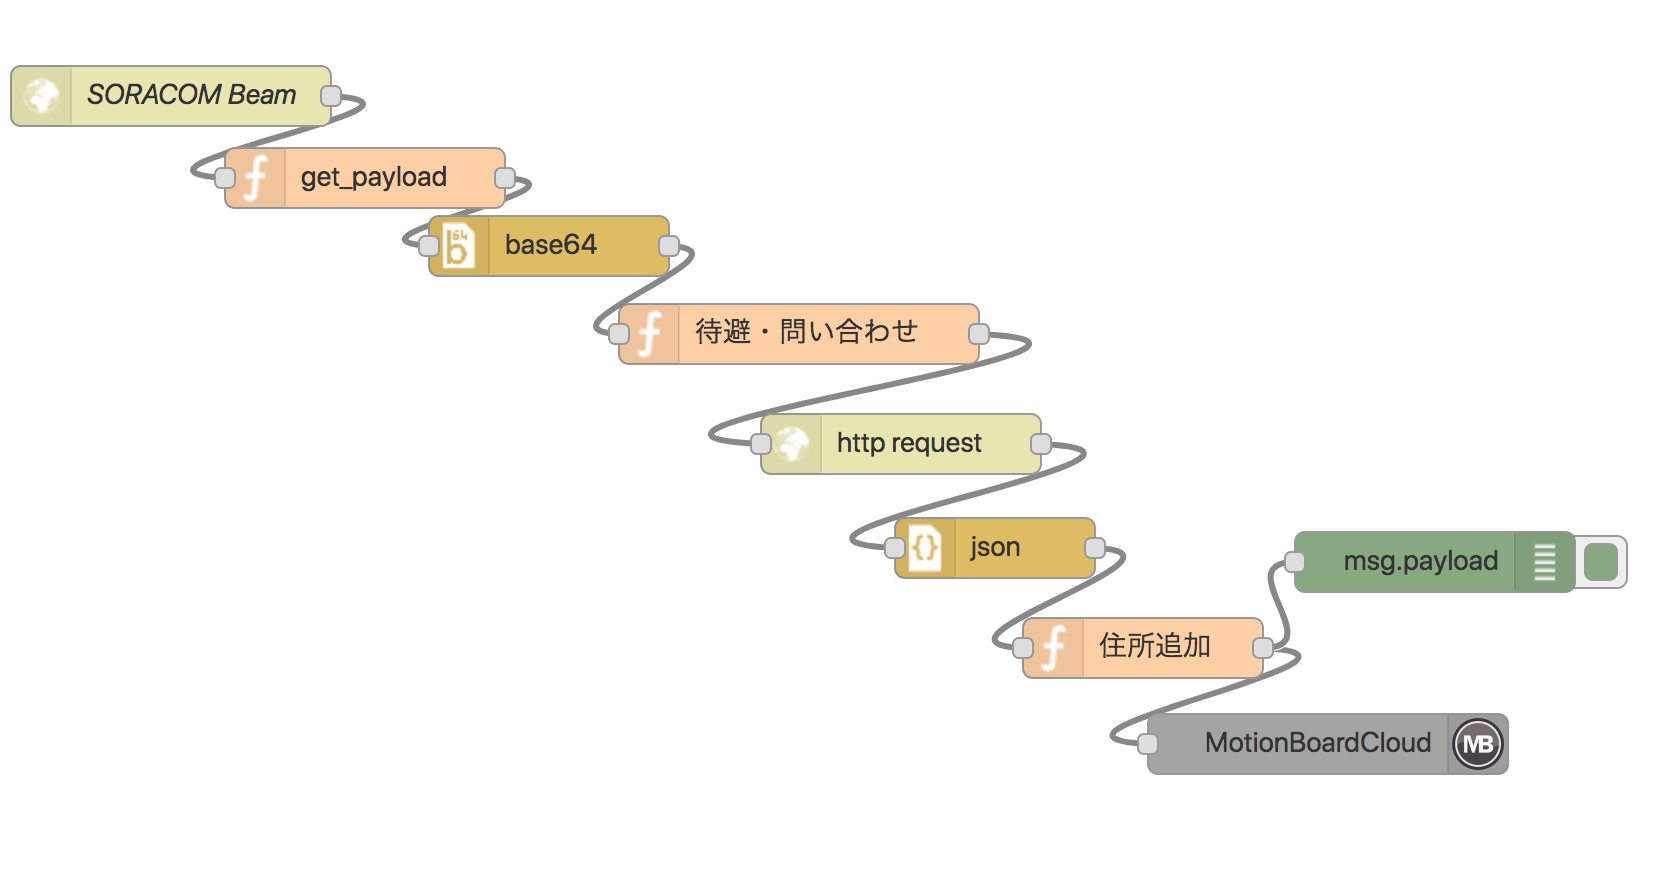 003_enebular_Flow_Editor.png